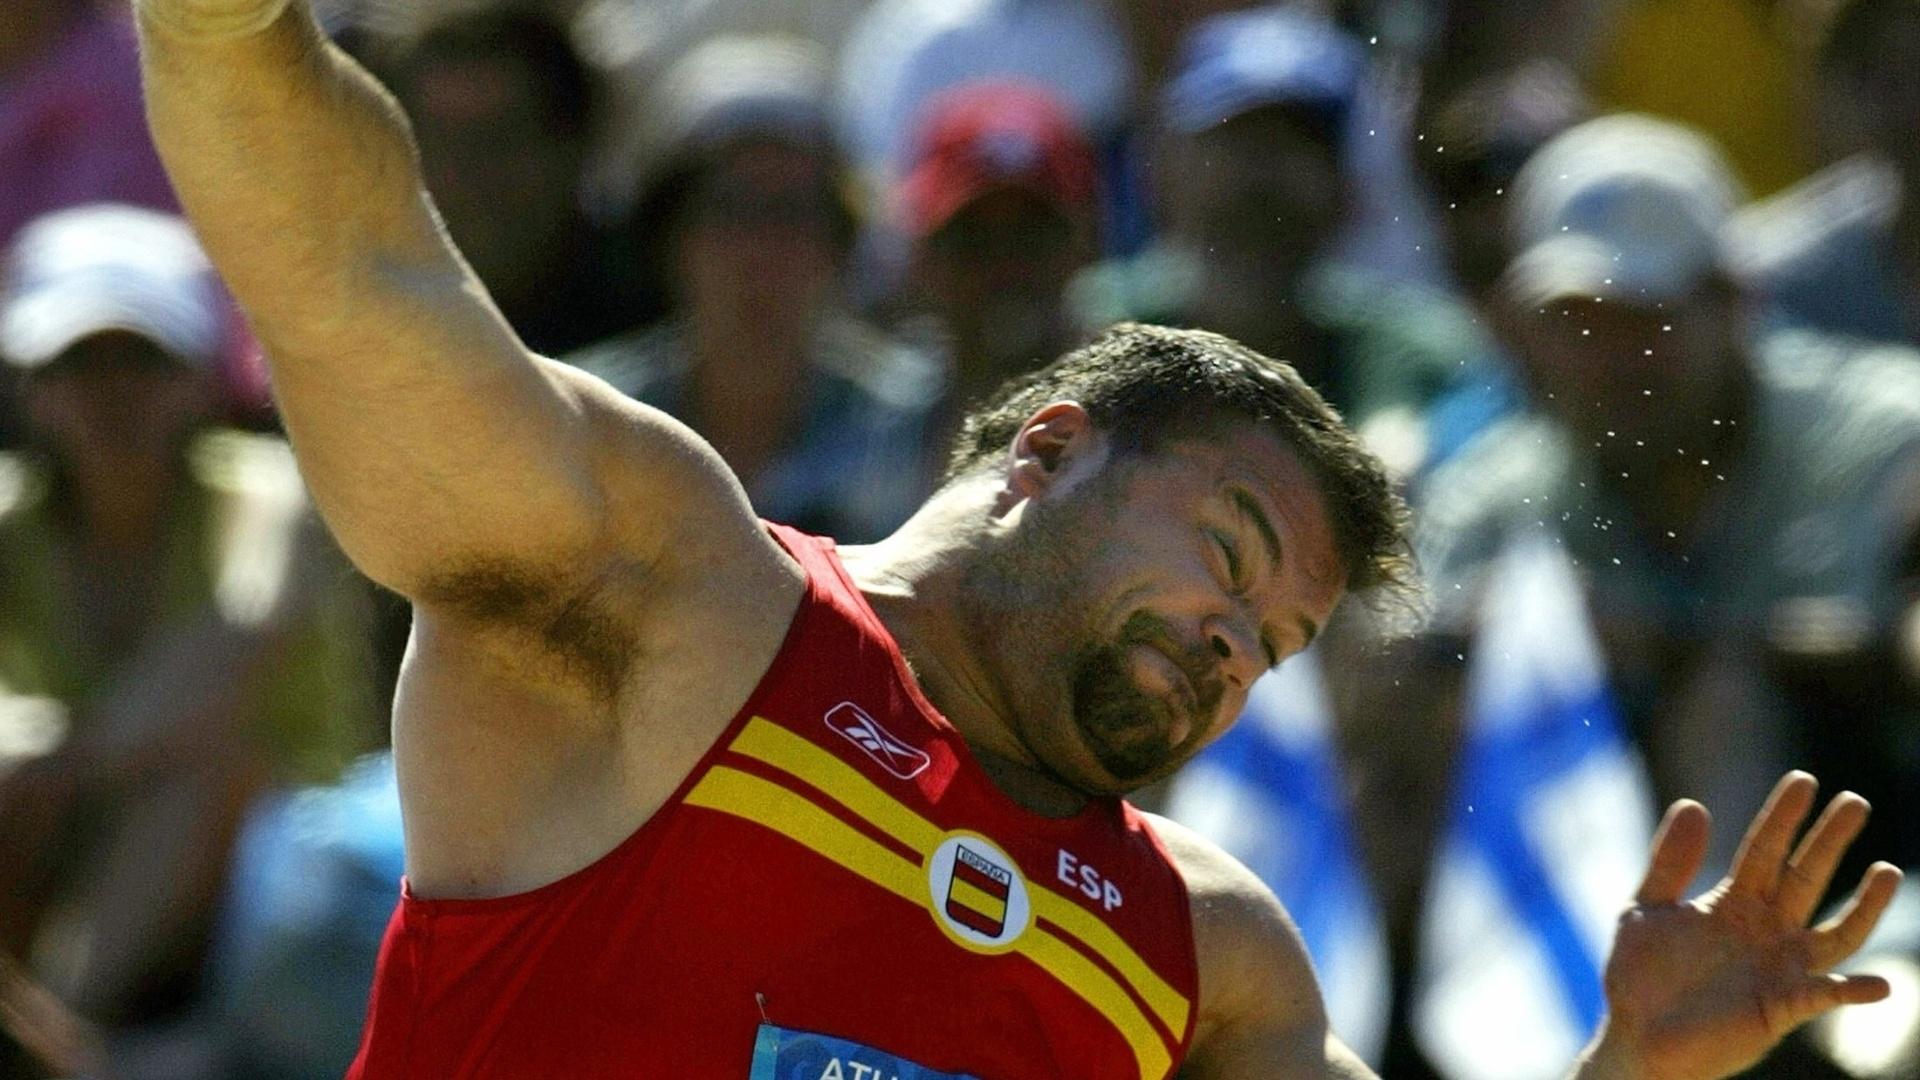 18.ago.2004 - Espanhol Manuel Martínez participa de prova de arremesso de peso durante os Jogos Olímpicos de Atenas-2004, na Grécia